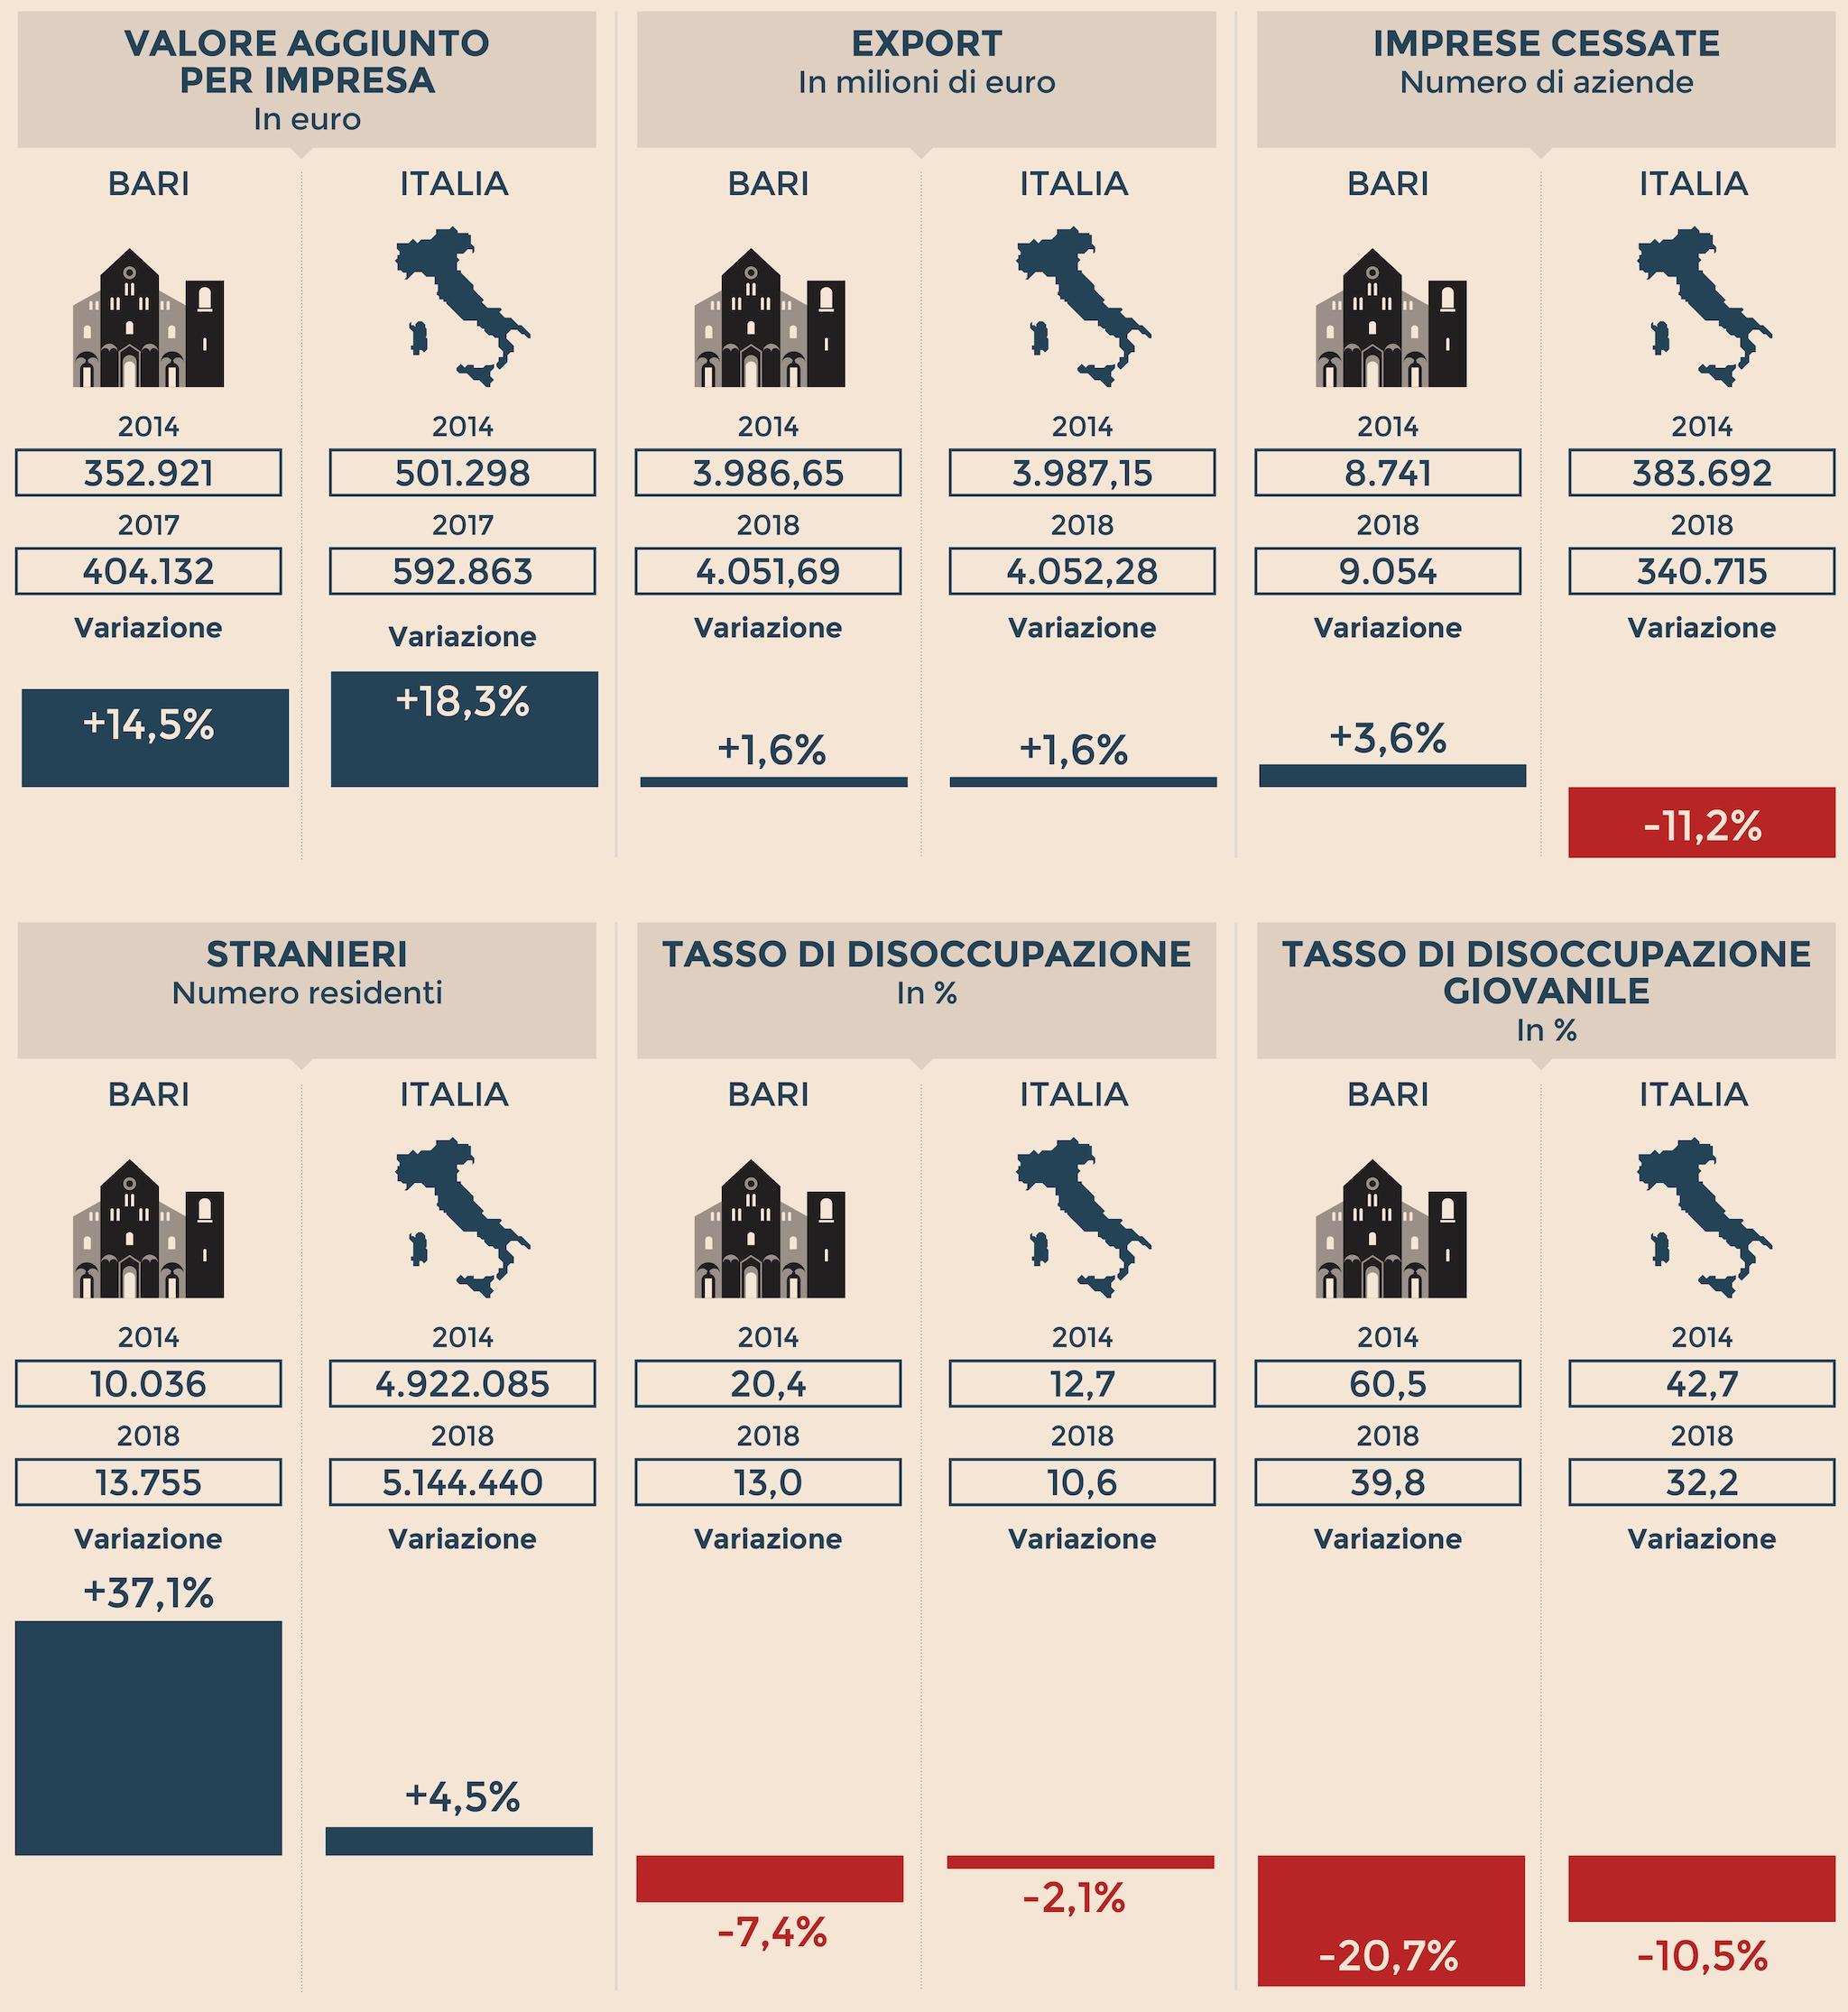 L'IDENTIKIT ECONOMICO DI BARI